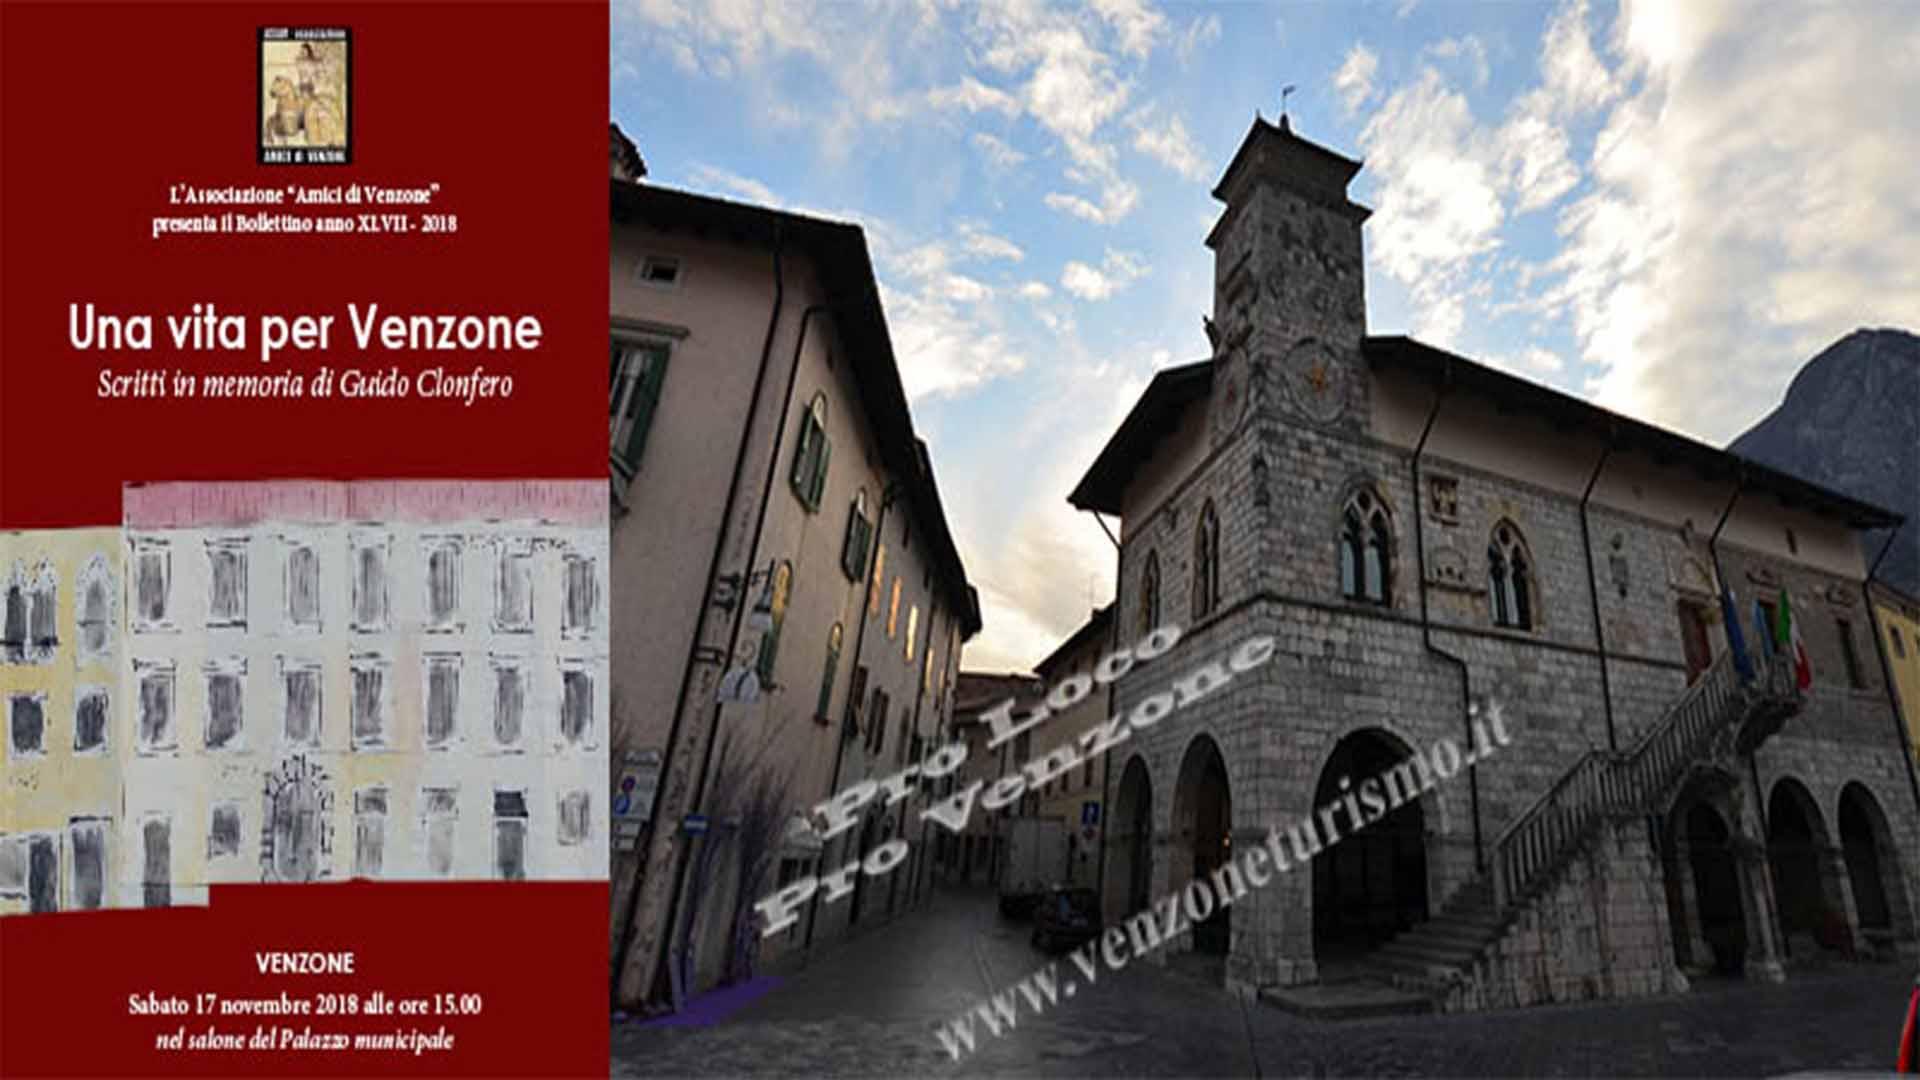 Guido Clonfero: Una vita per Venzone